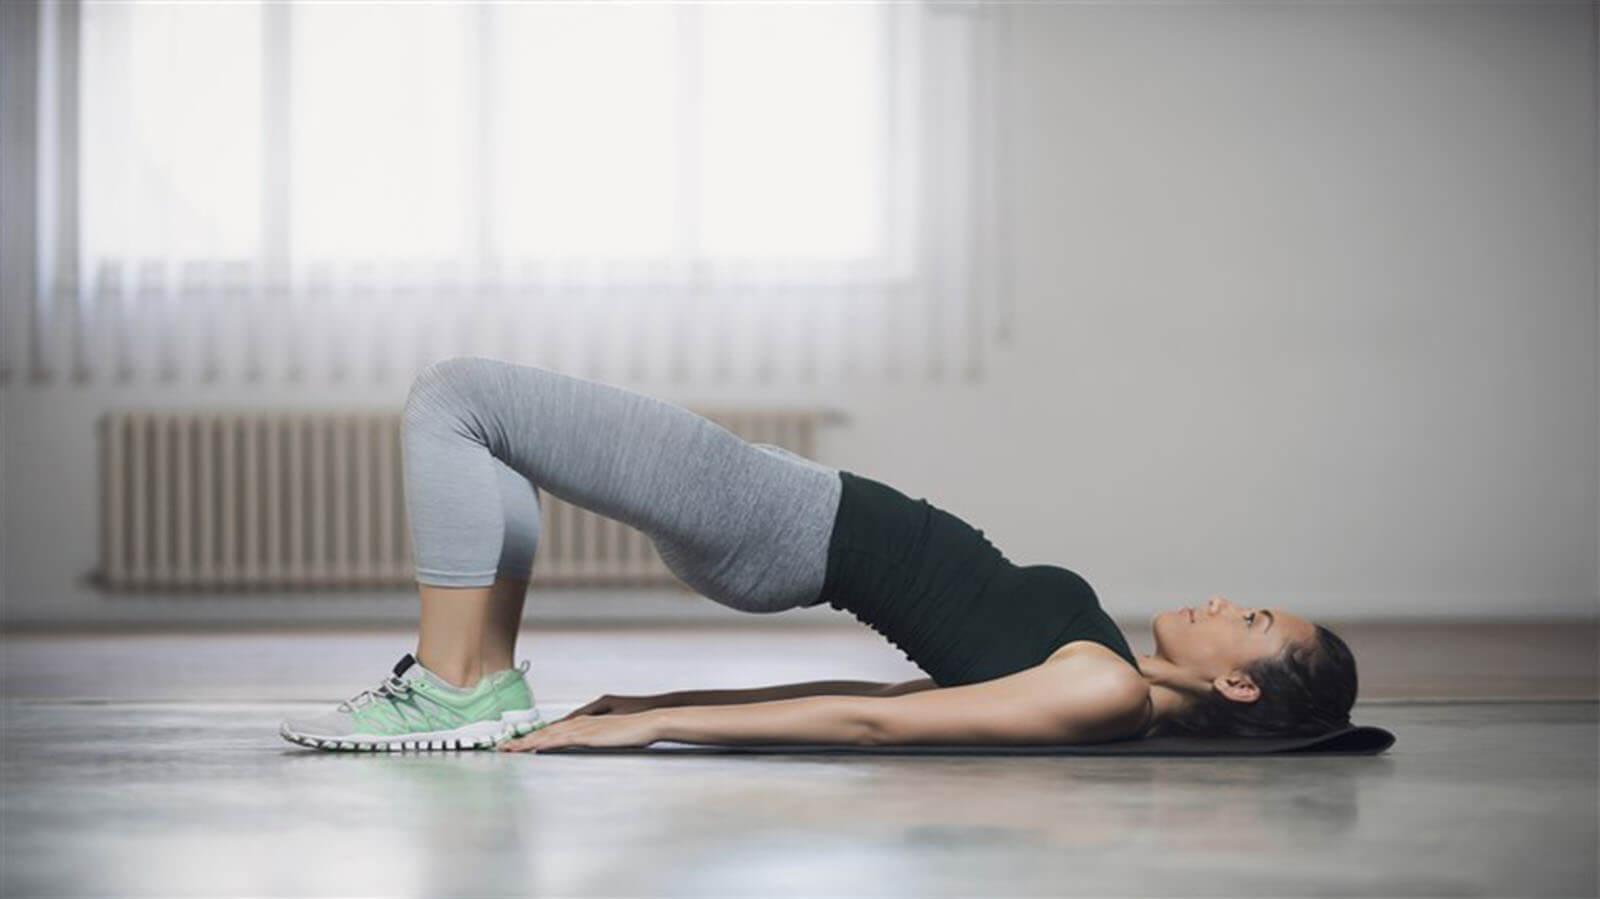 افضل رياضة لشد الجسم والتخلص من الدهون